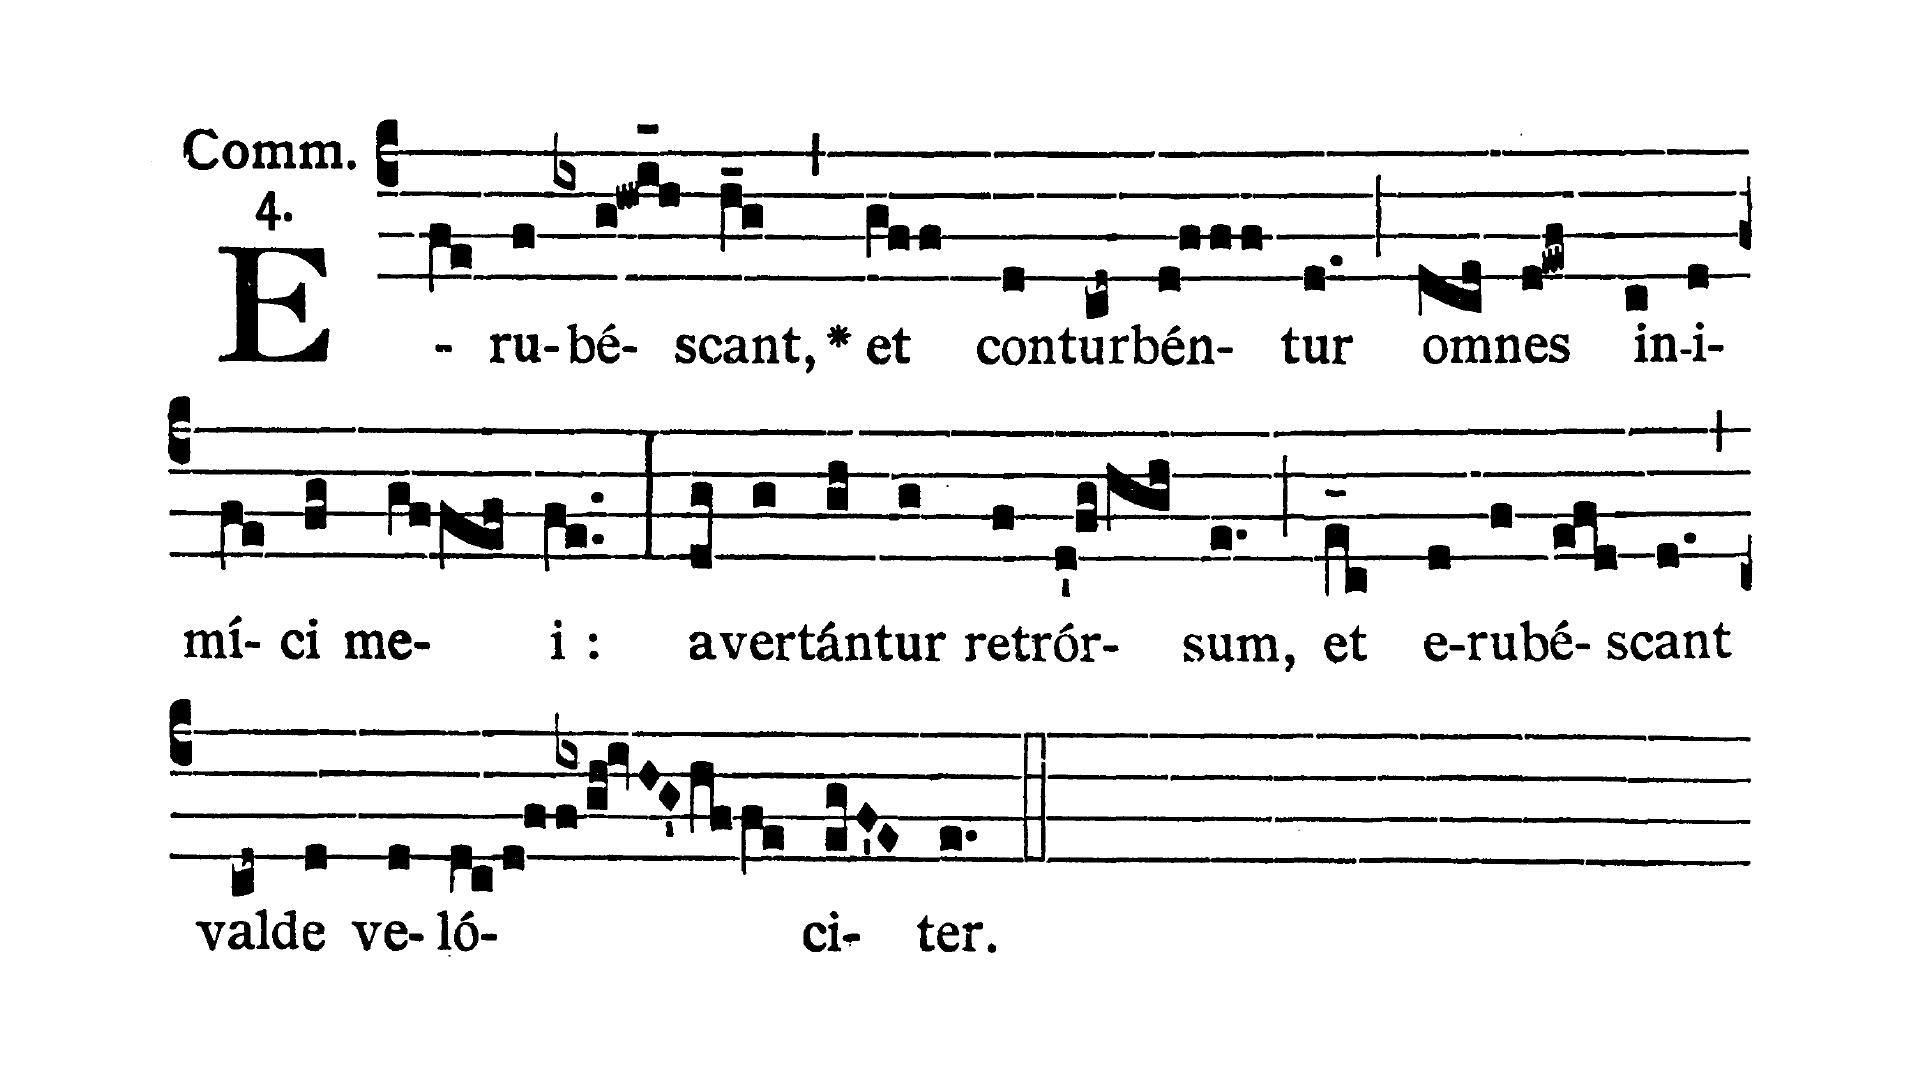 Feria VI Quatuor Temporum Quadragesimae (Piątek suchych dni Wielkiego Postu) - Communio (Erubescant et conturbentur)